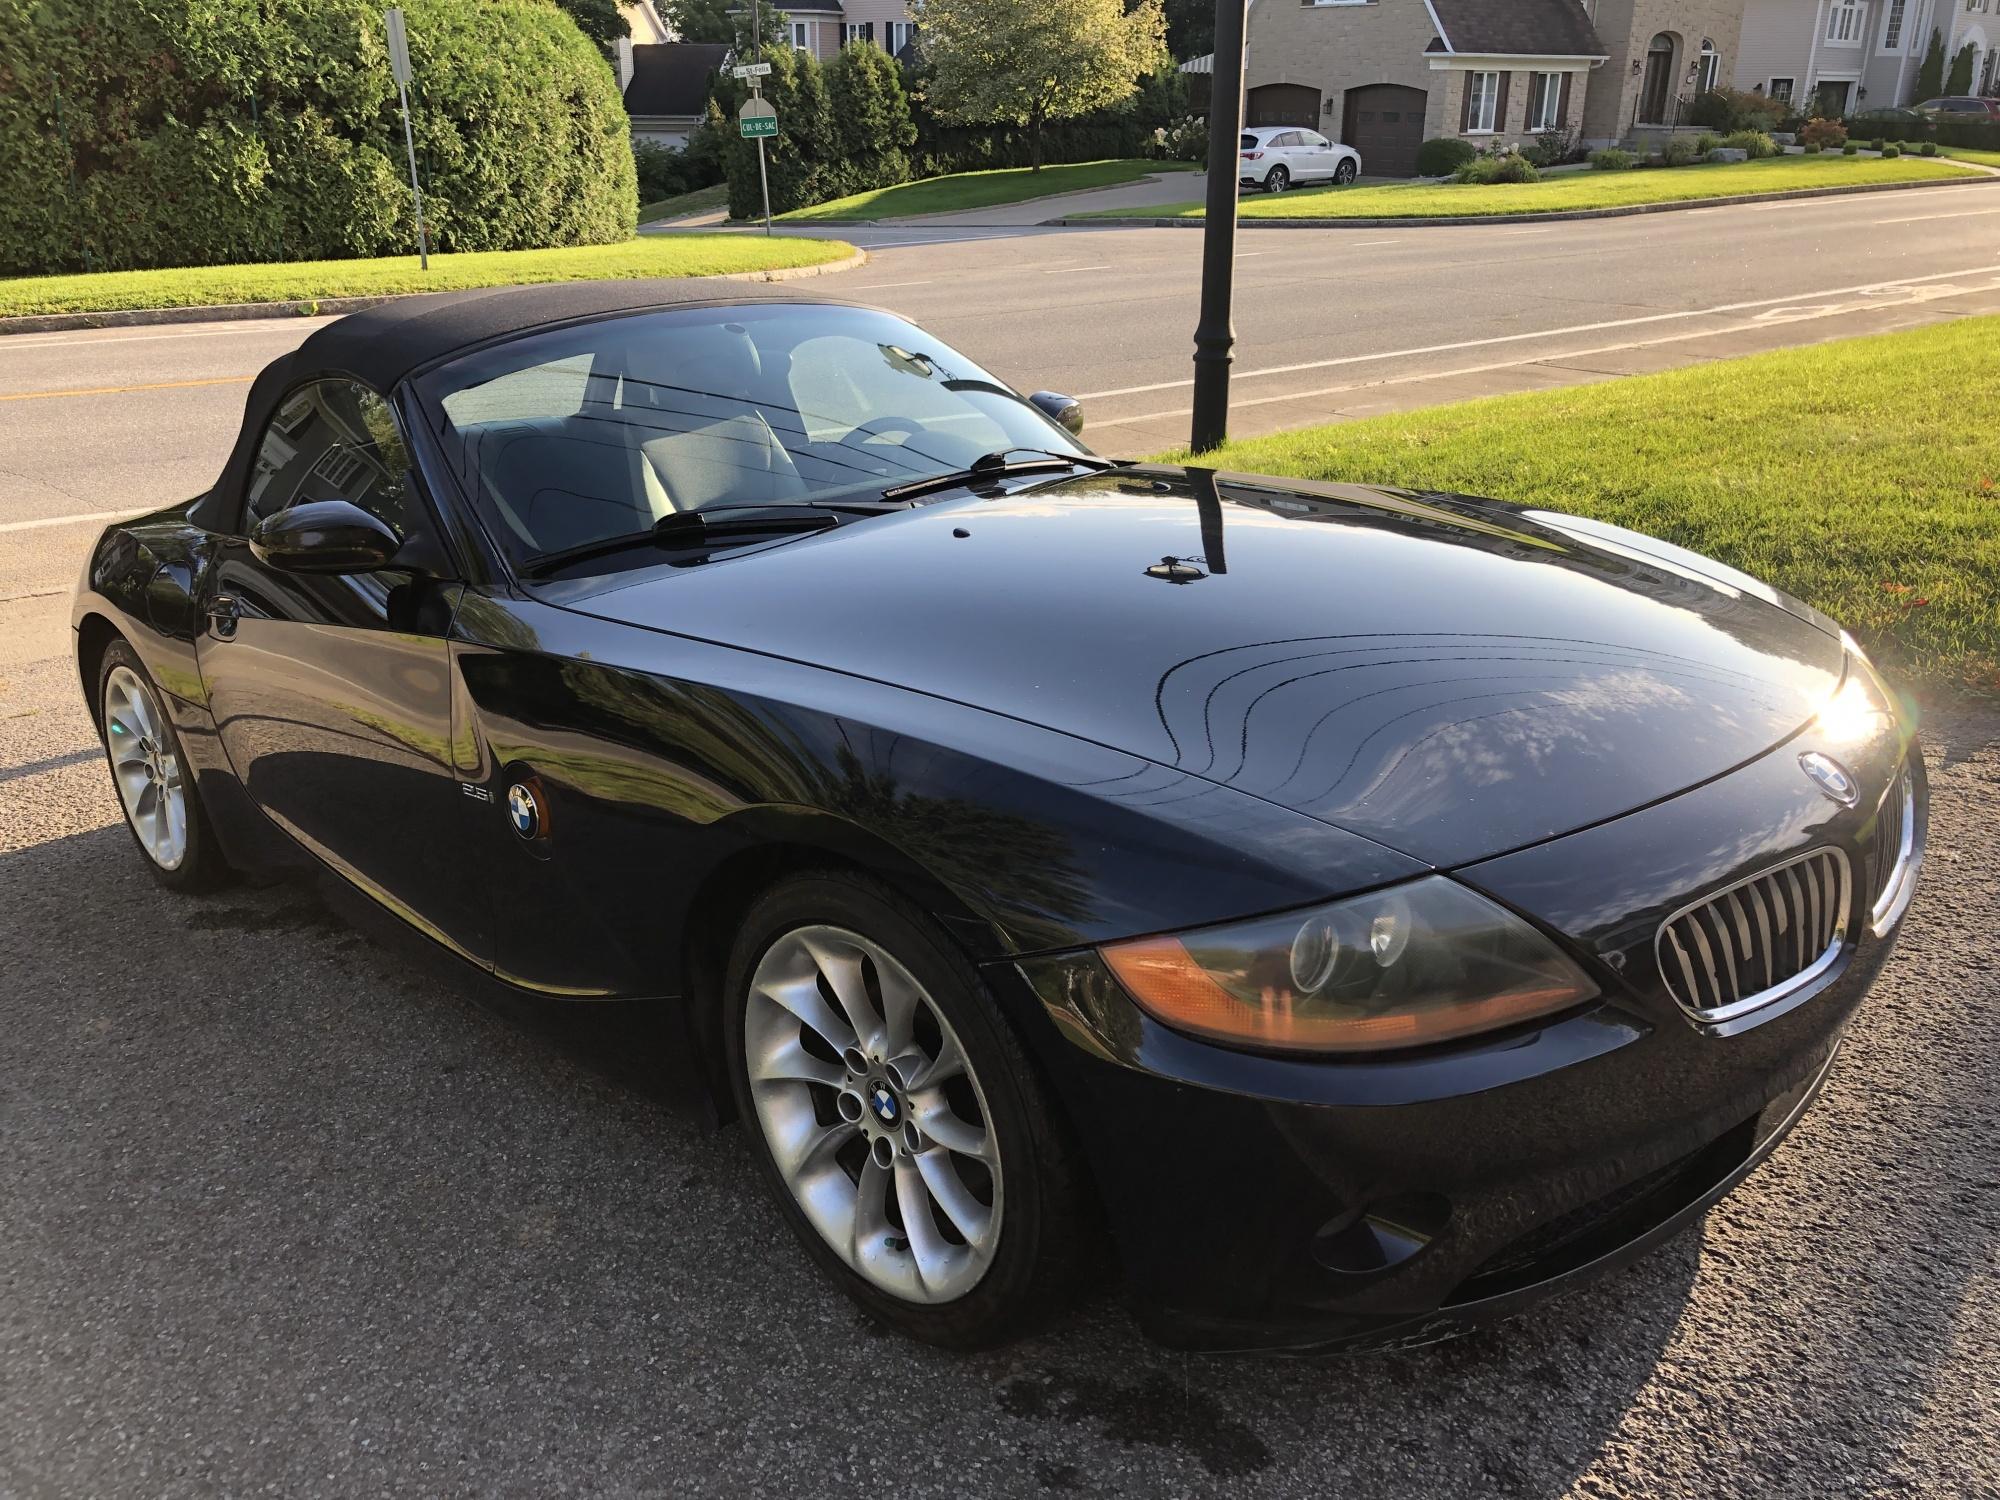 BMW Z4 - Photo 19-09-09 17 43 18